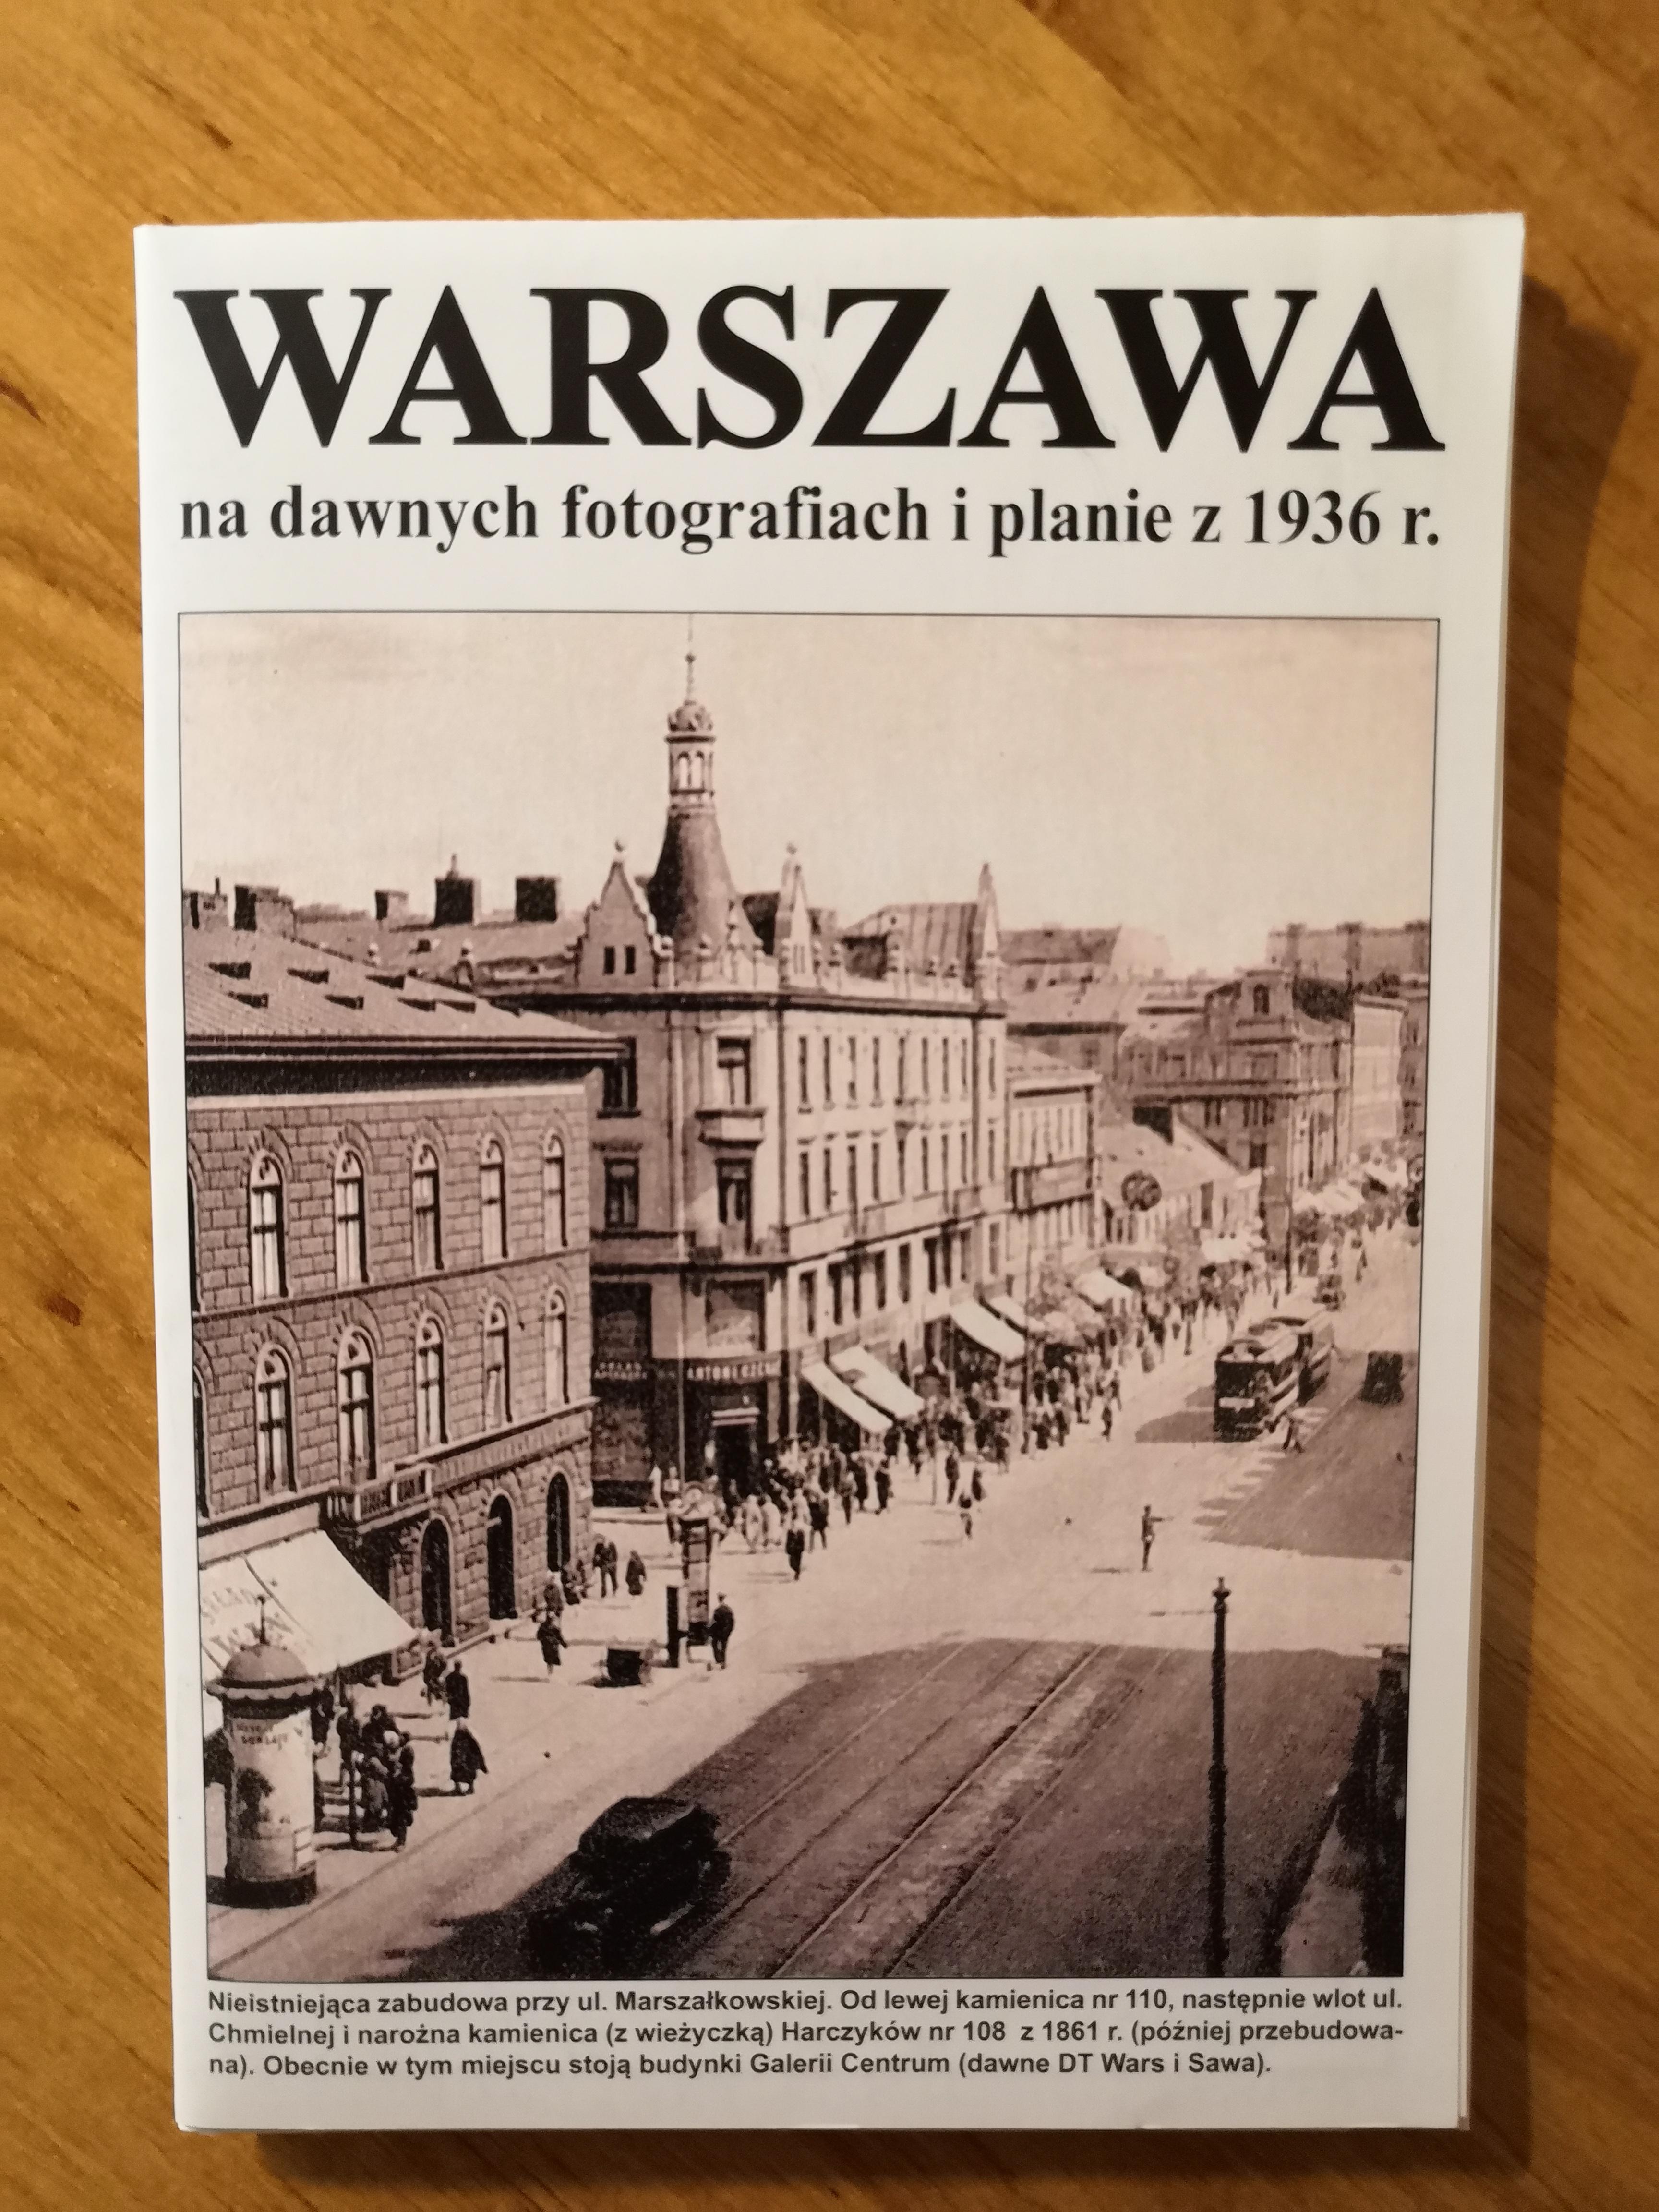 Warszawa na dawnych fotografiach i planie z 1936 r. (J.A.Krawczyk)